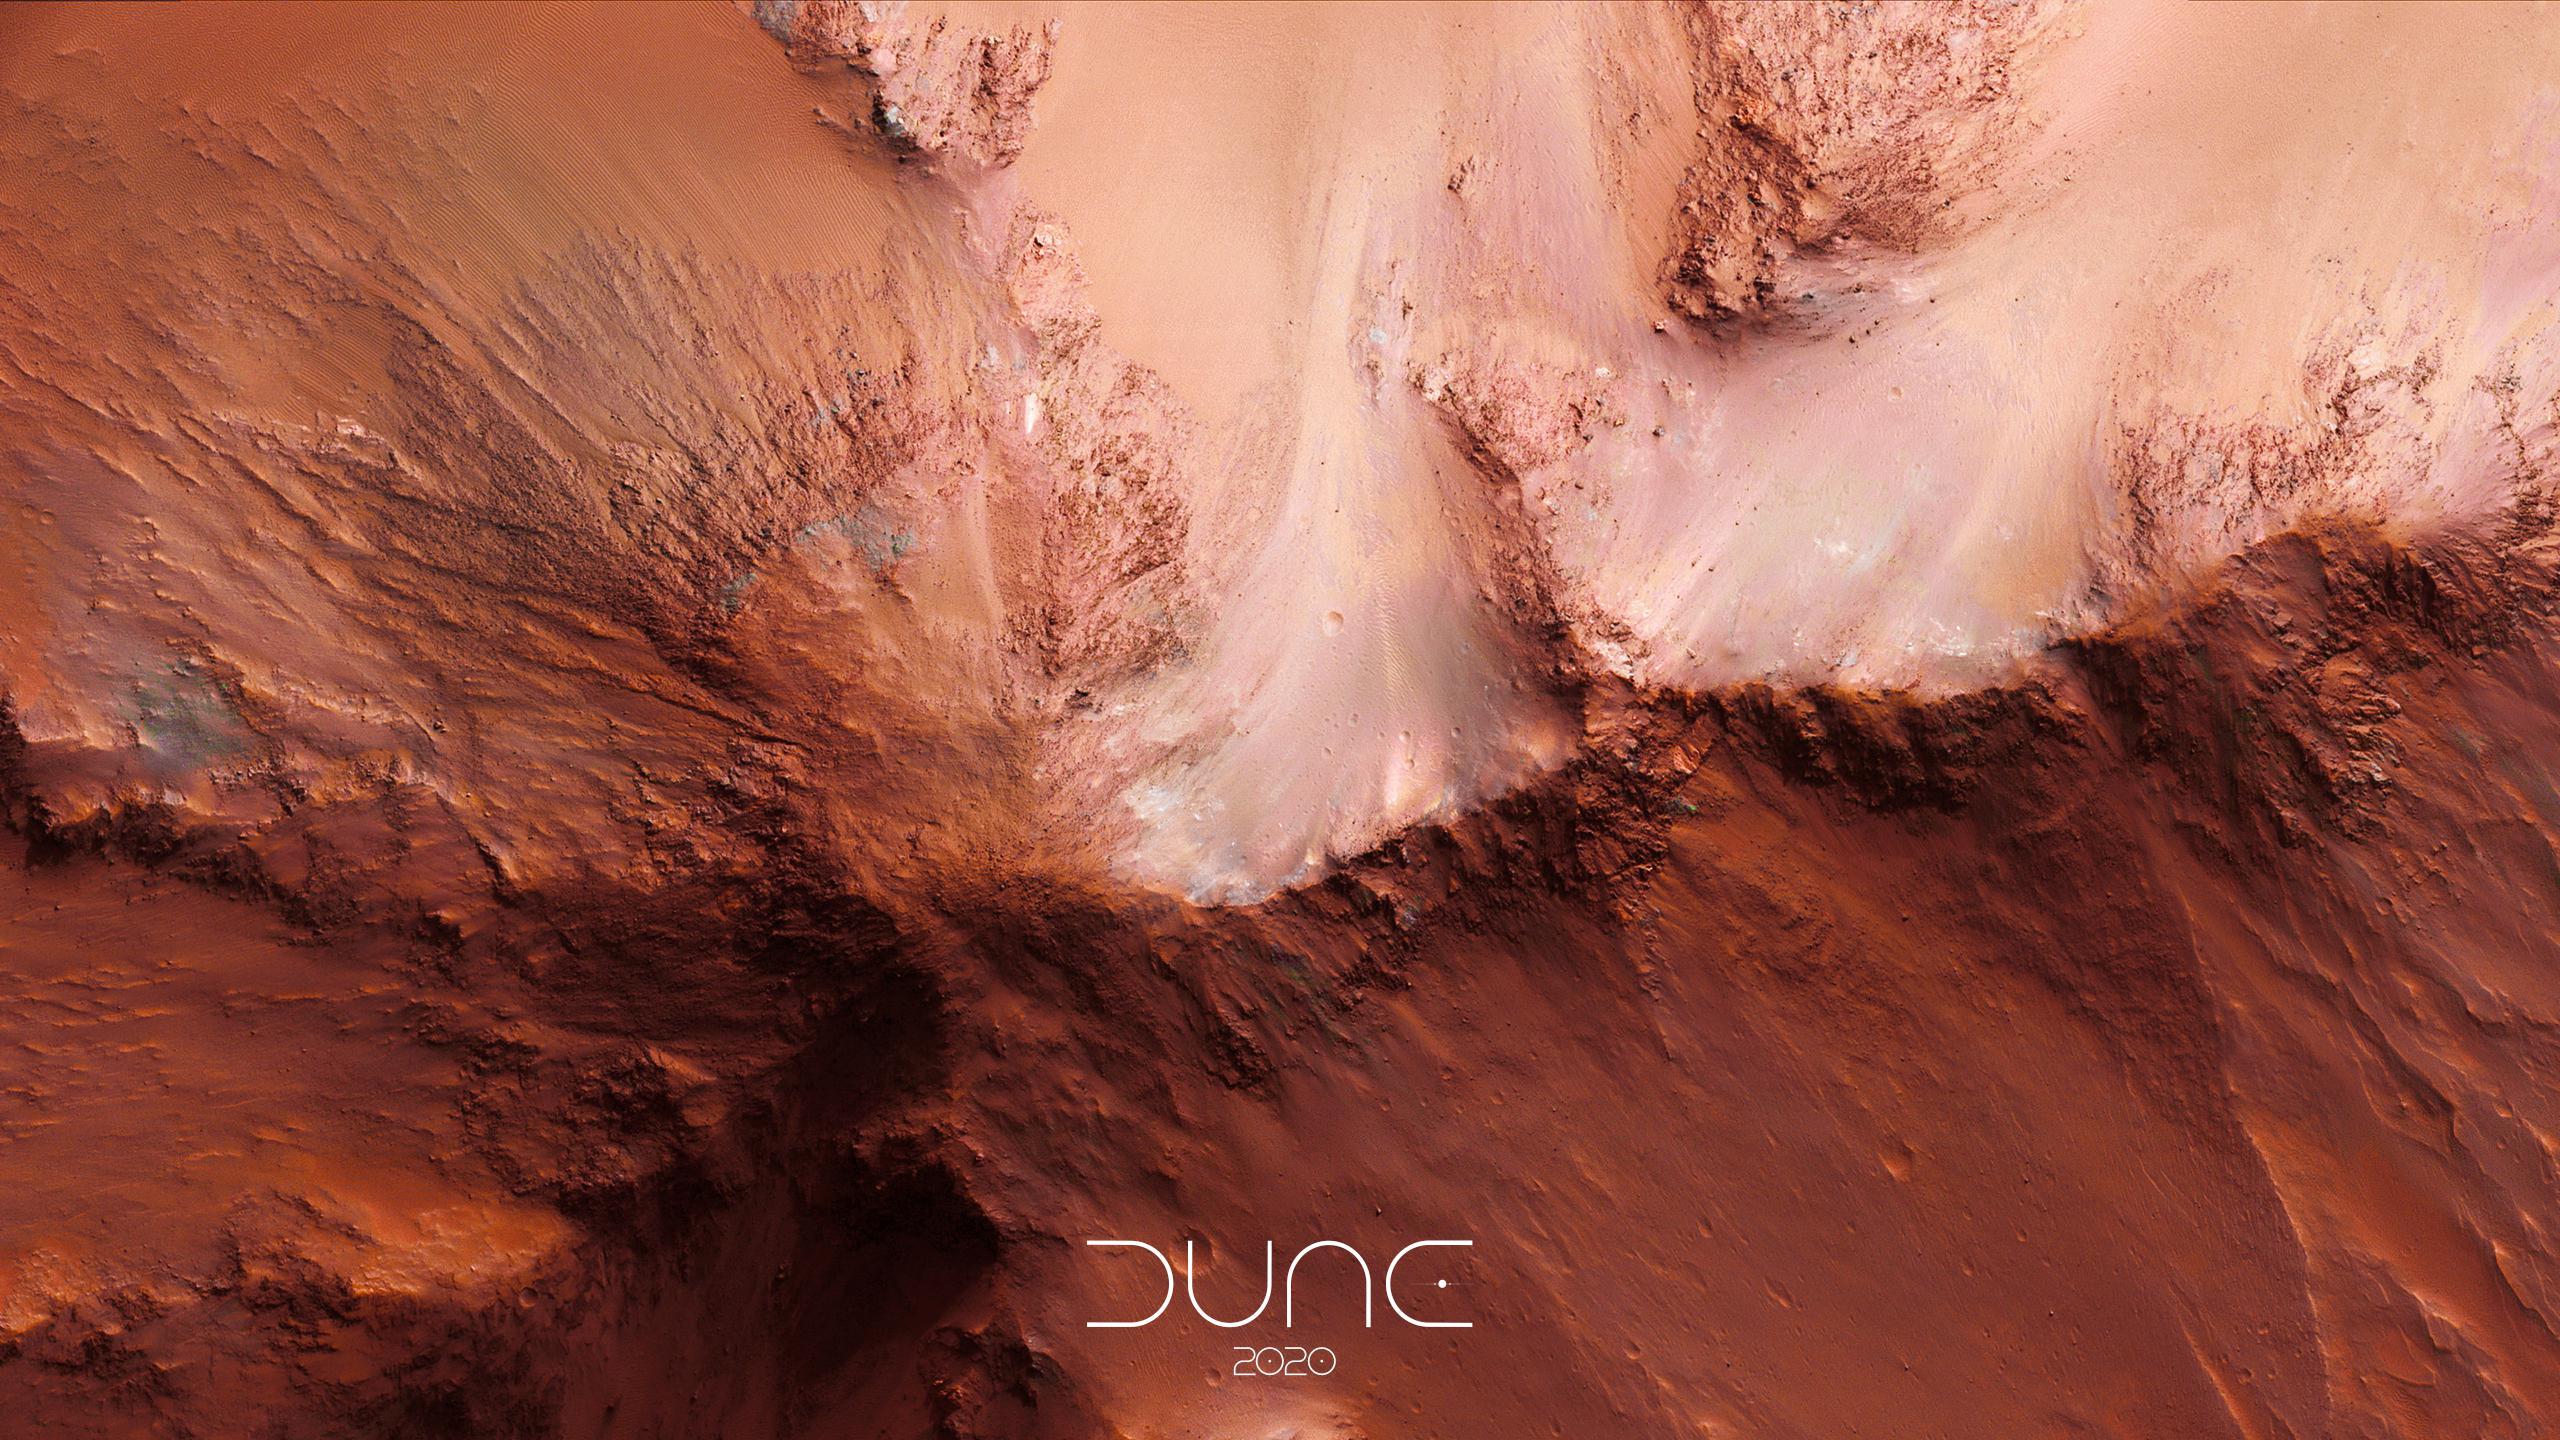 Another Dune Wallpaper dune 2560x1440